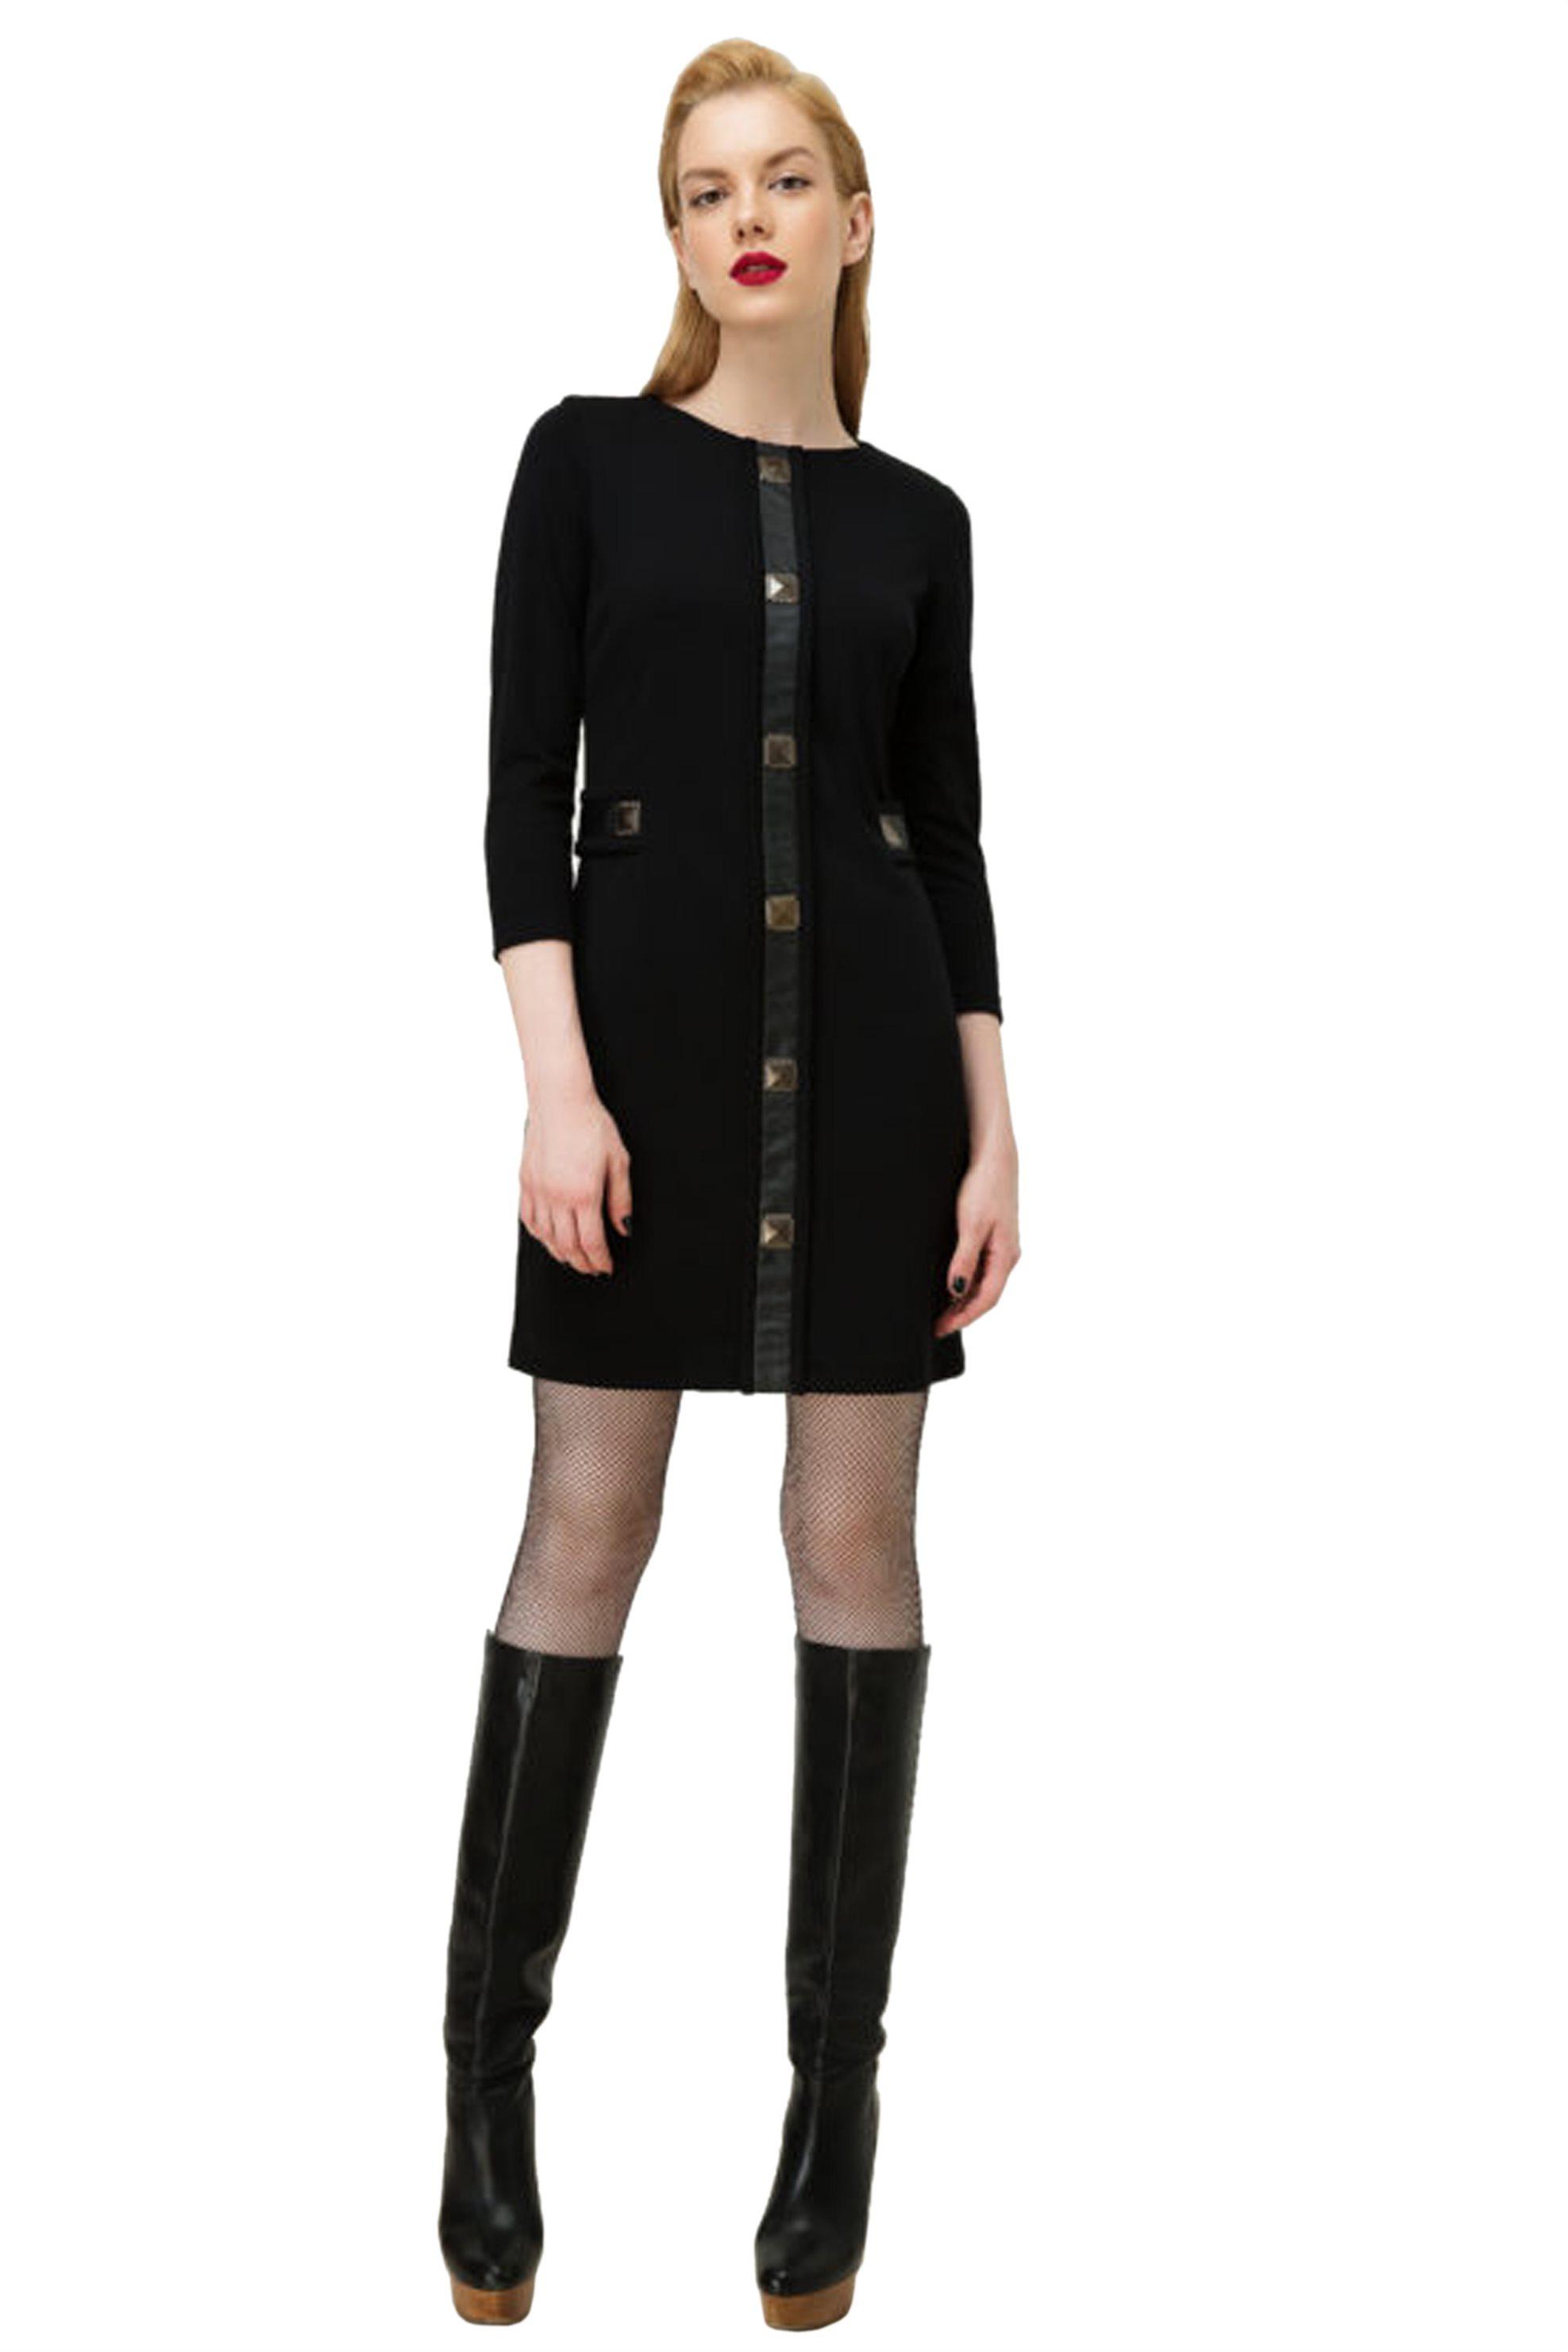 Billy Sabbado γυναικείο μίνι φόρεμα με μεταλλικές λεπτομέρειες - 0139984730 - Μα γυναικα   ρουχα   φορέματα   mini φορέματα